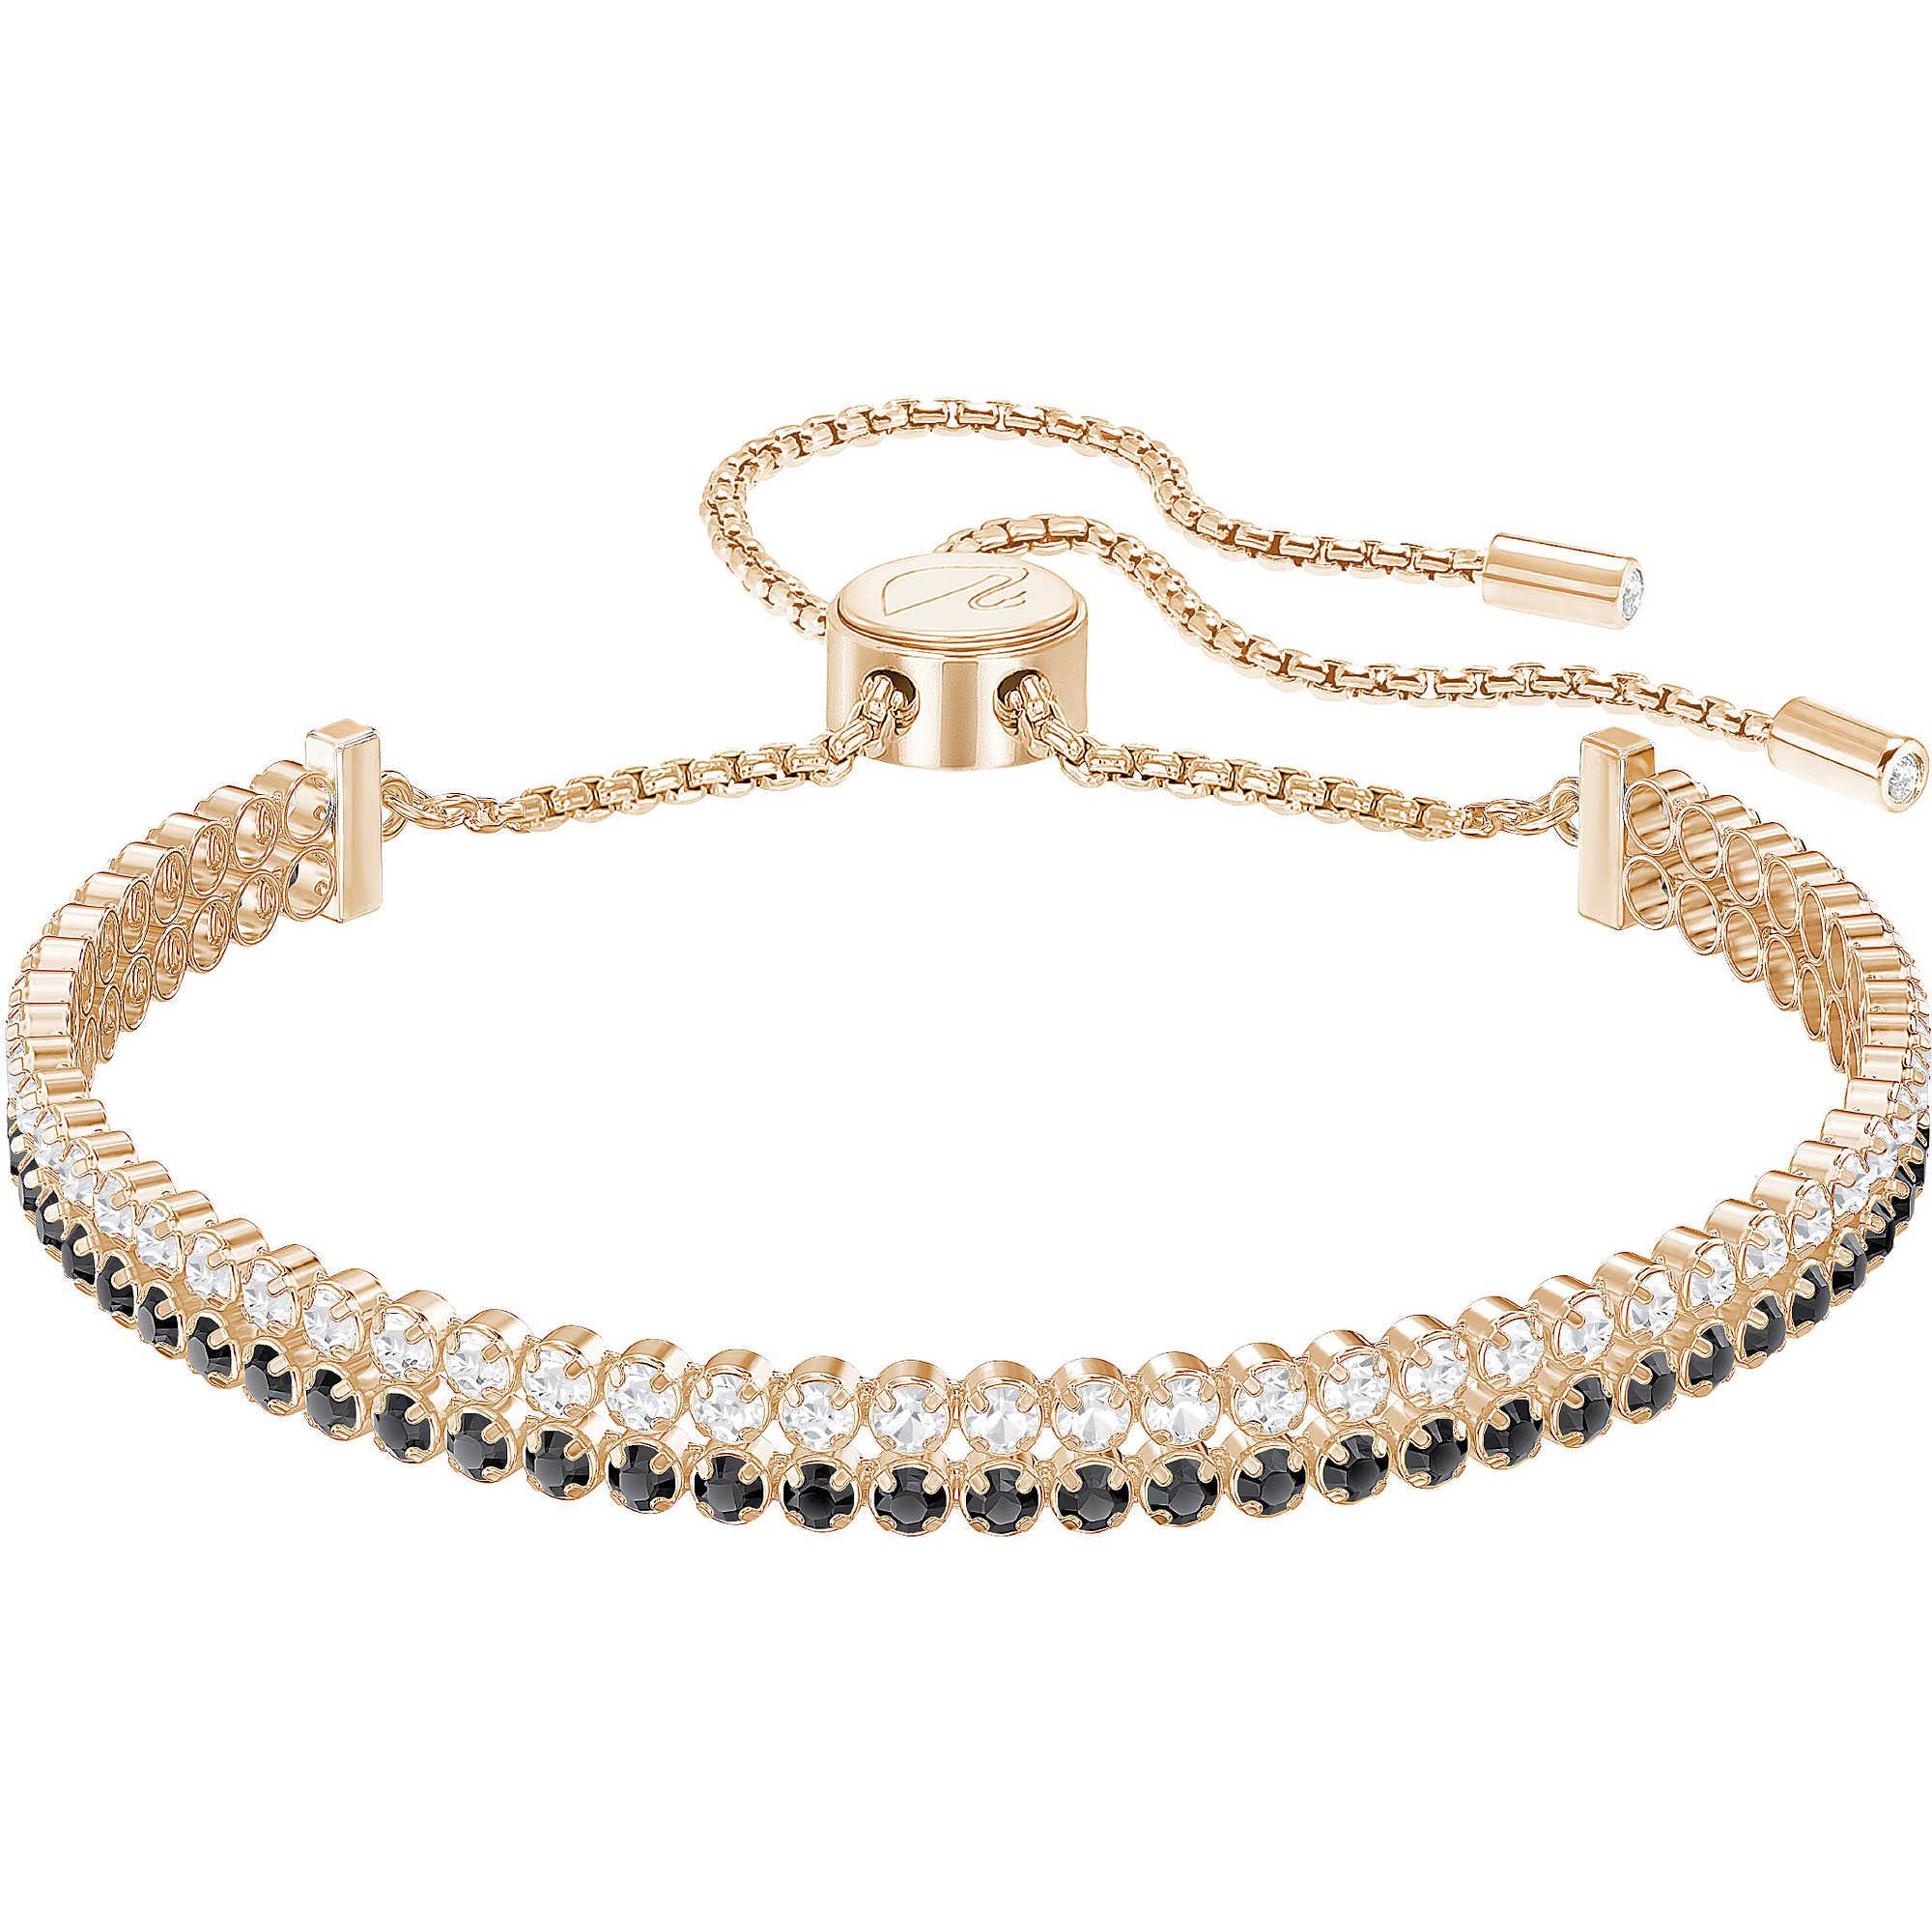 armband-frau-schmuck-swarovski-subtle-5352092_222785_zoom Elegantes Stoff Mit Swarovski Steinen Dekorationen